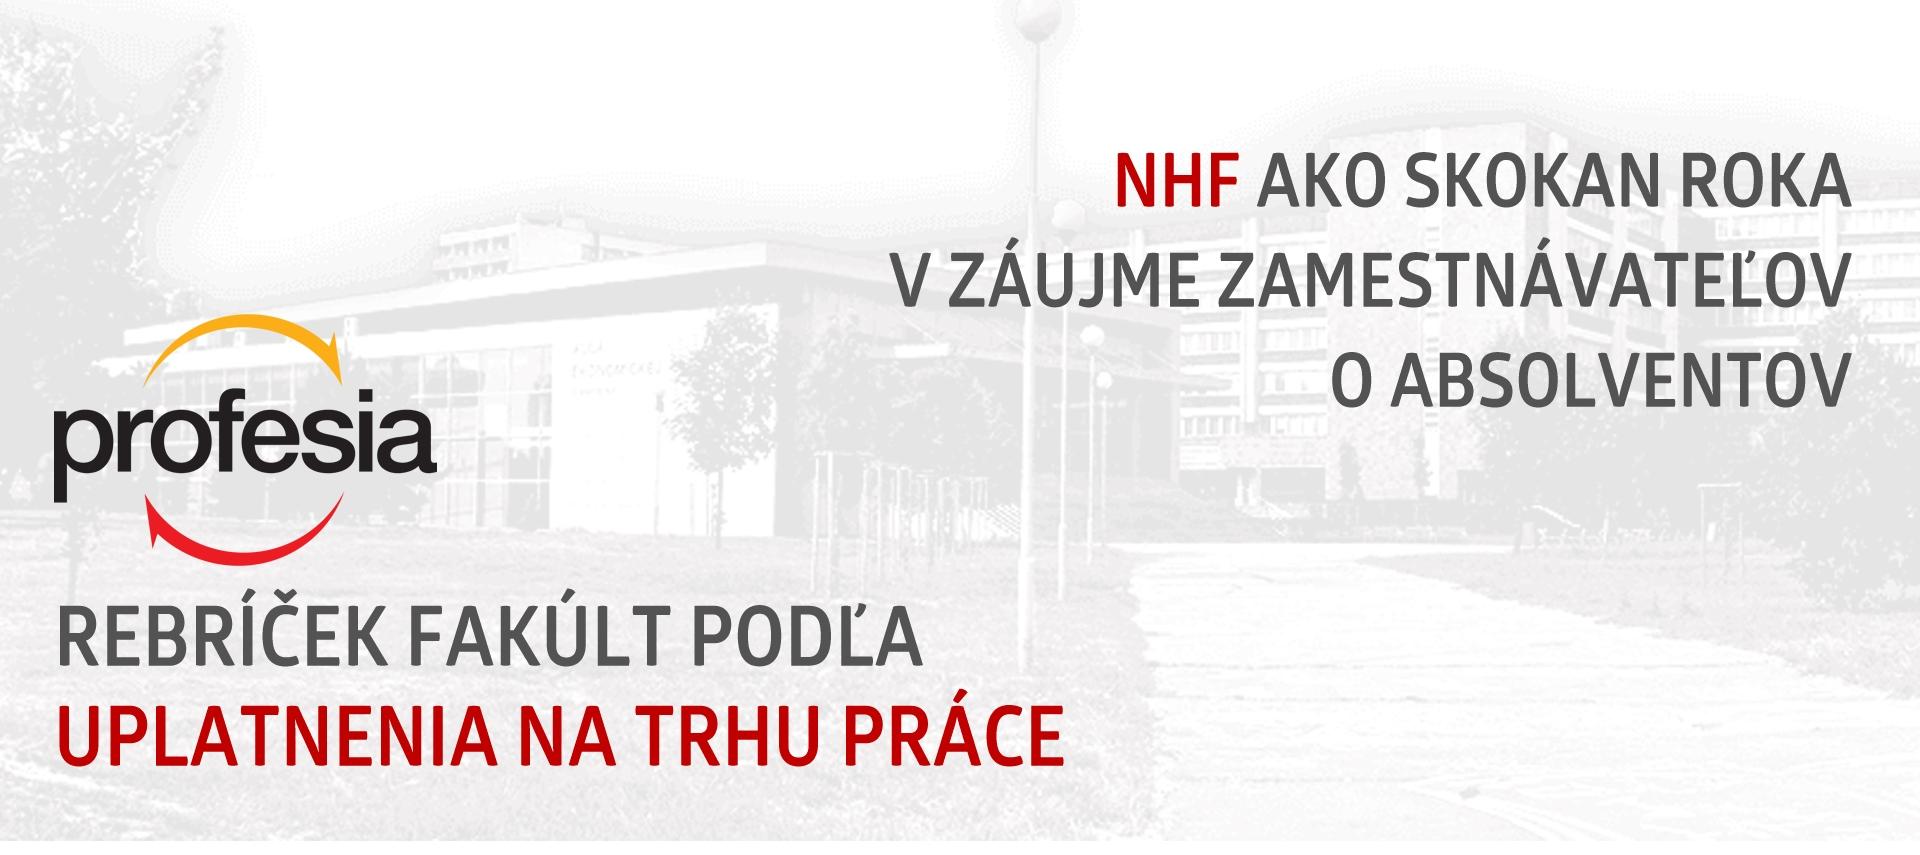 39d65b4b8c0b Aktuality - Národohospodárska fakulta Ekonomickej univerzity v Bratislave